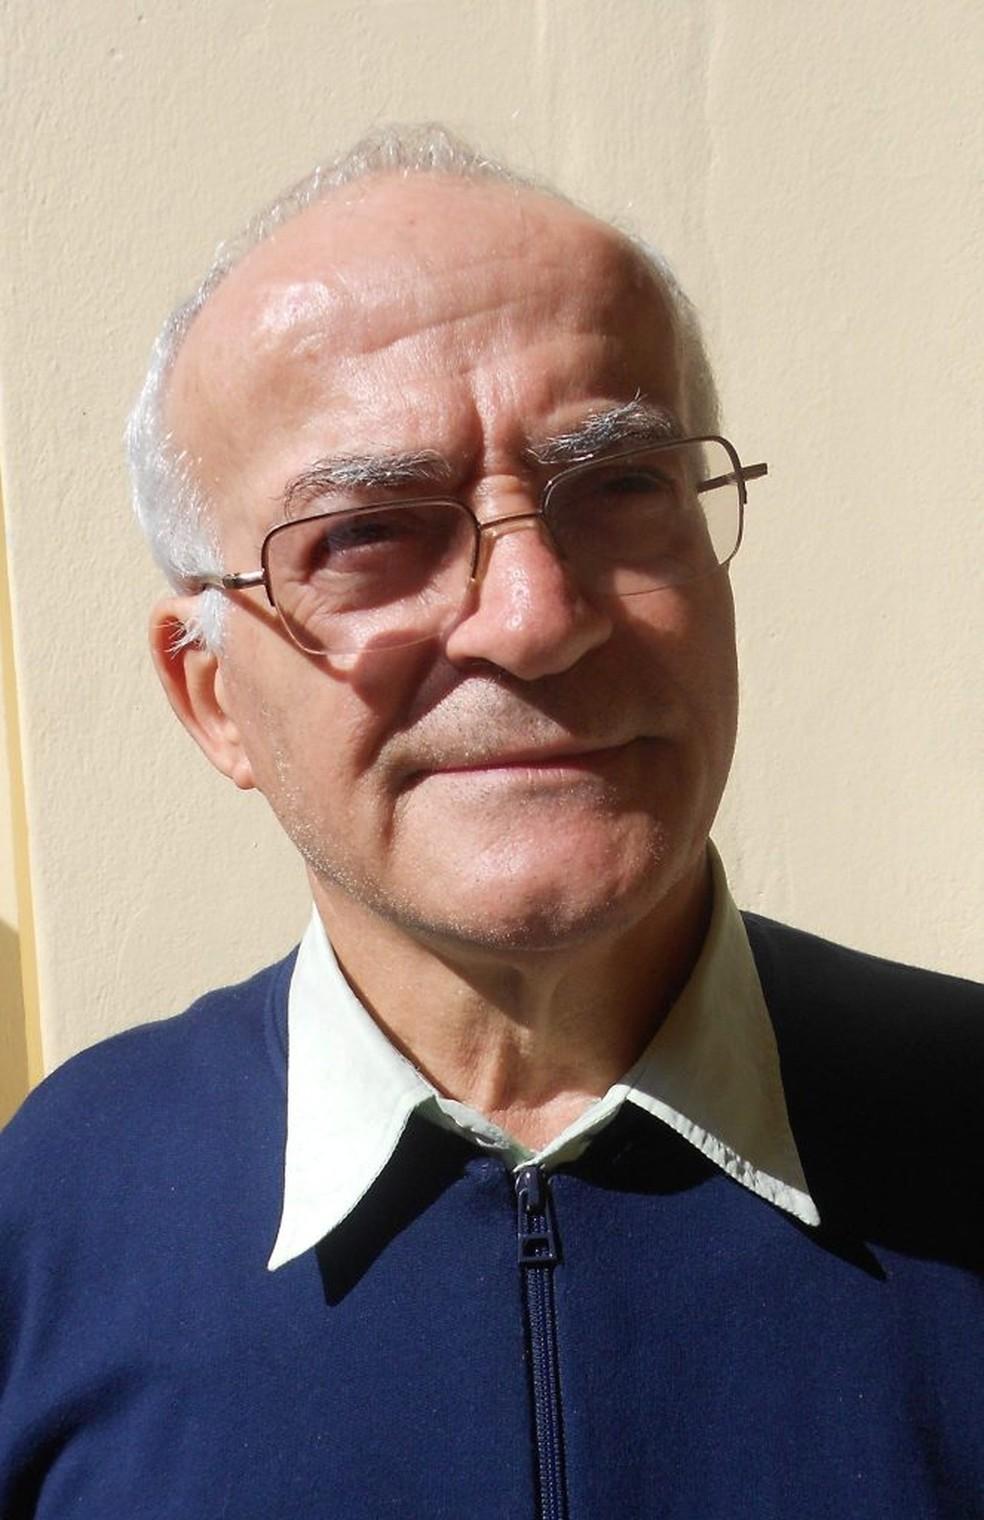 Padre Francesco Tolve — Foto: Facebook Francesco Tolve/Reprodução